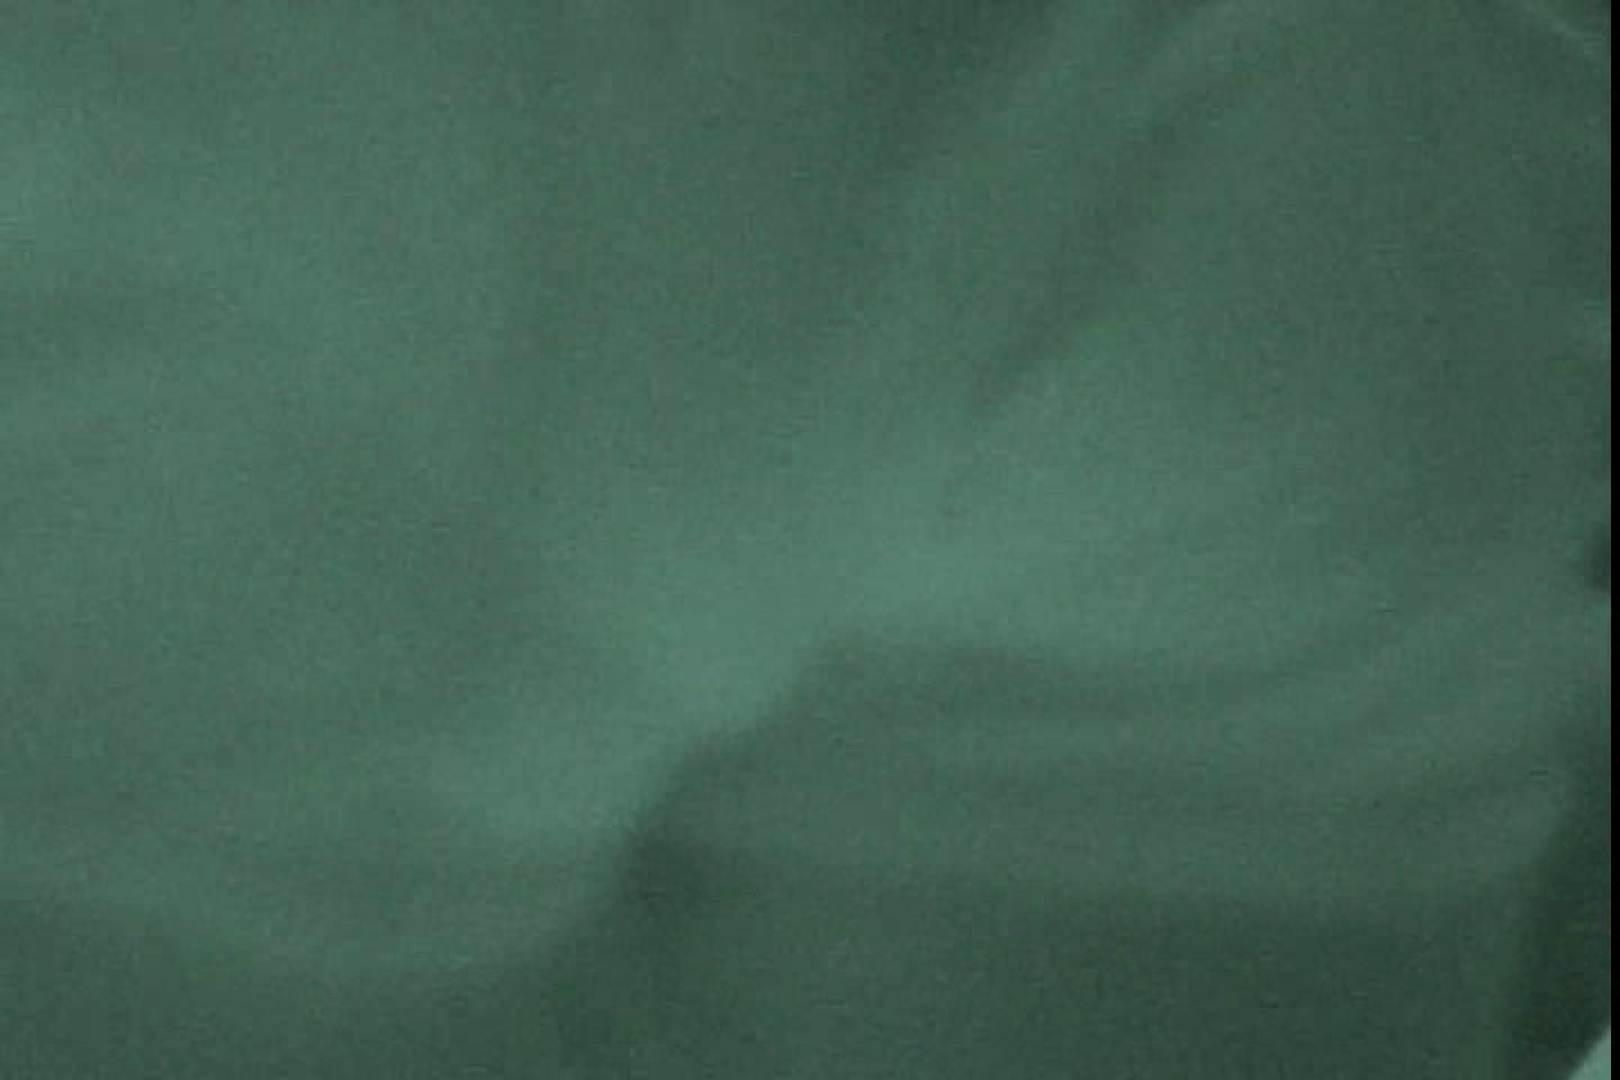 赤外線ムレスケバレー(汗) vol.02 赤外線 | HなOL  53pic 31